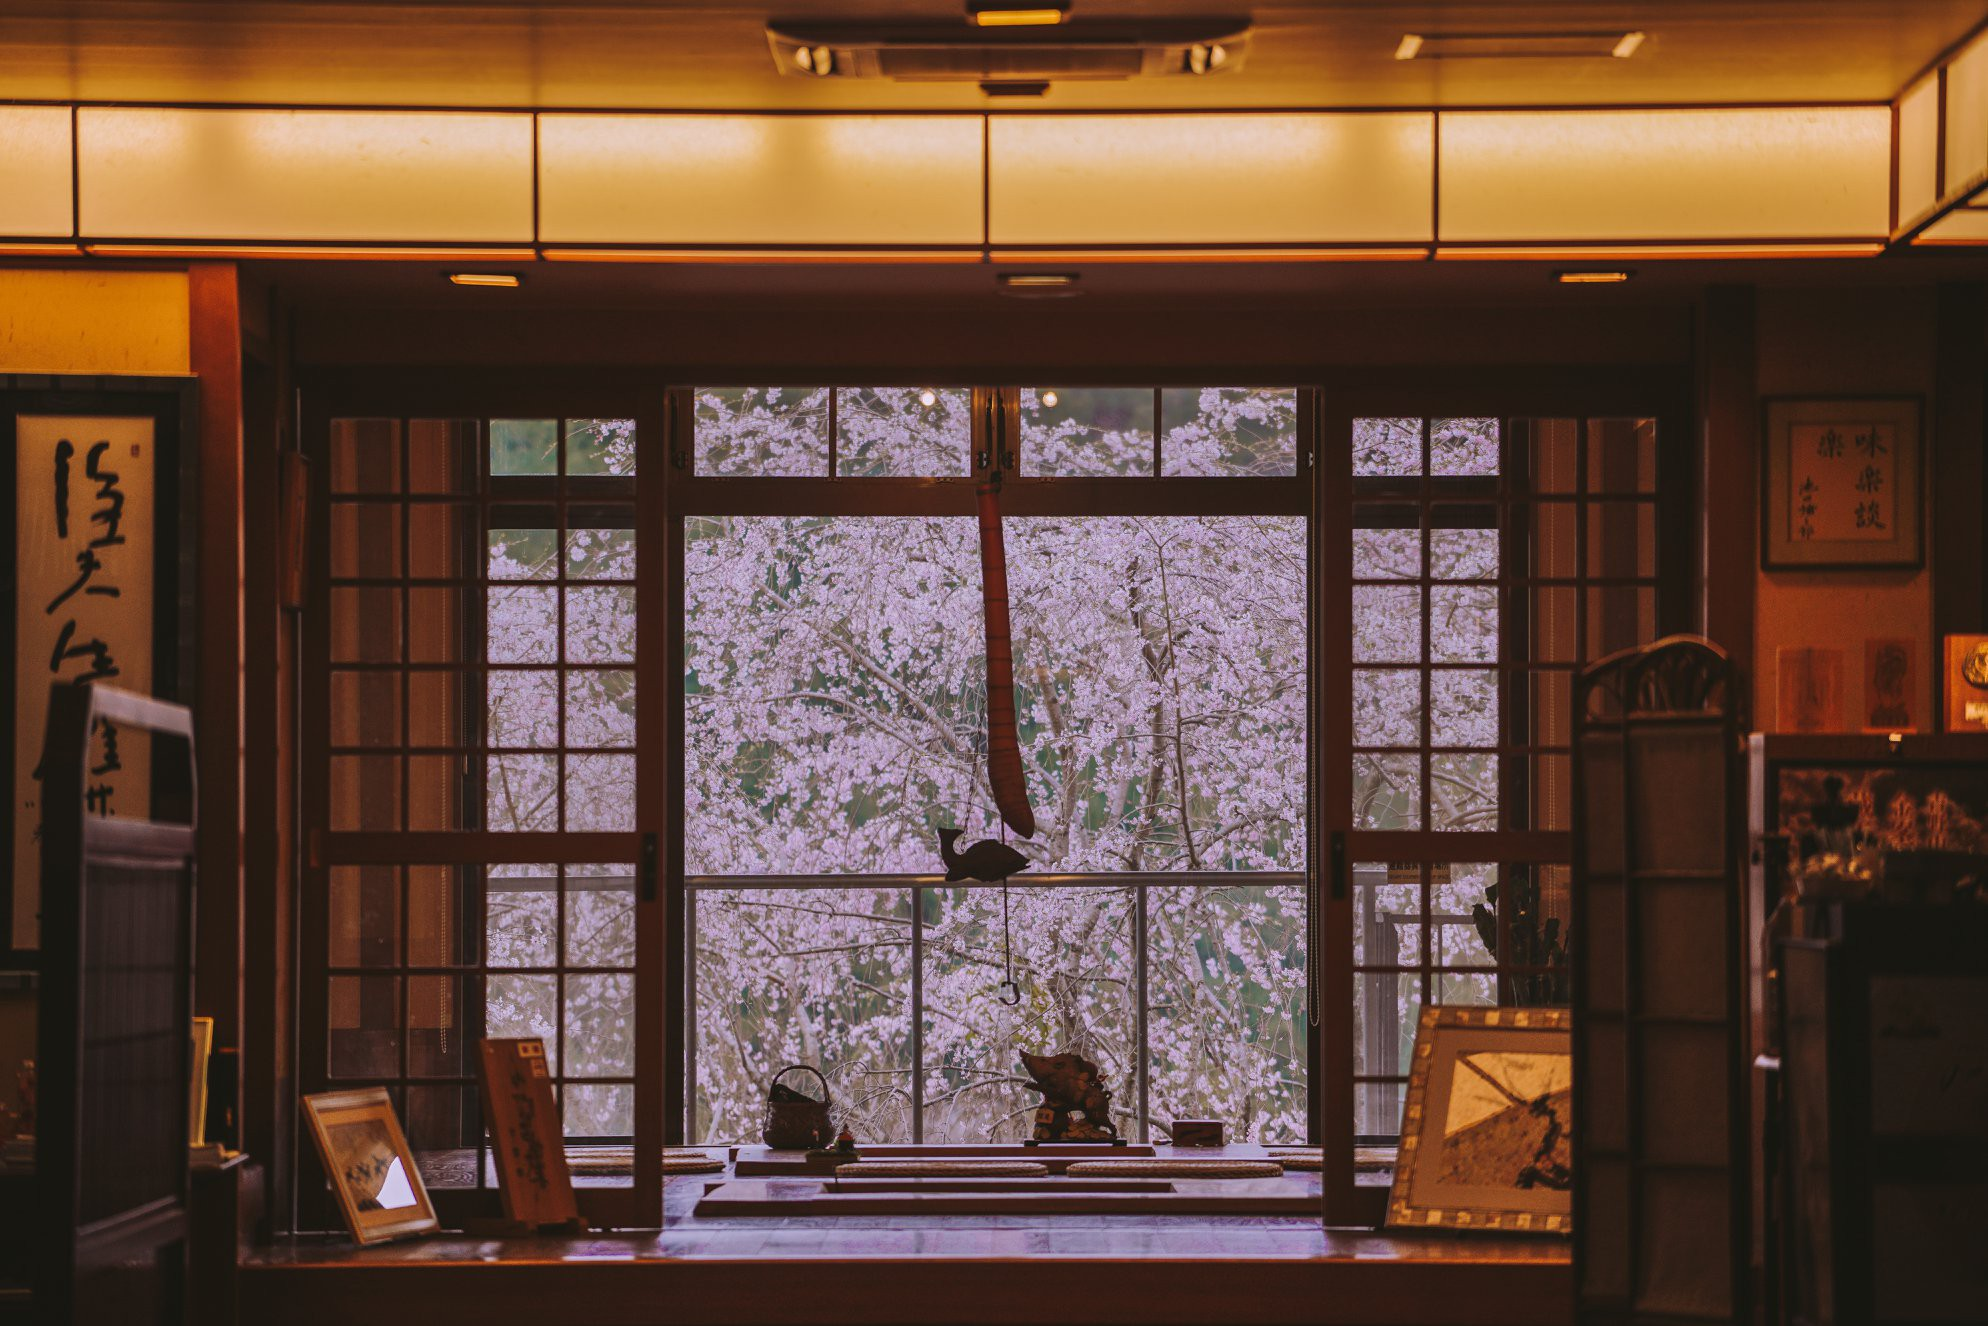 """Cánh rừng với 50.000 cây hoa anh đào ở Nhật Bản, """"nhuộm hồng"""" cả một quả núi và đẹp đến khó tin! - Ảnh 6."""